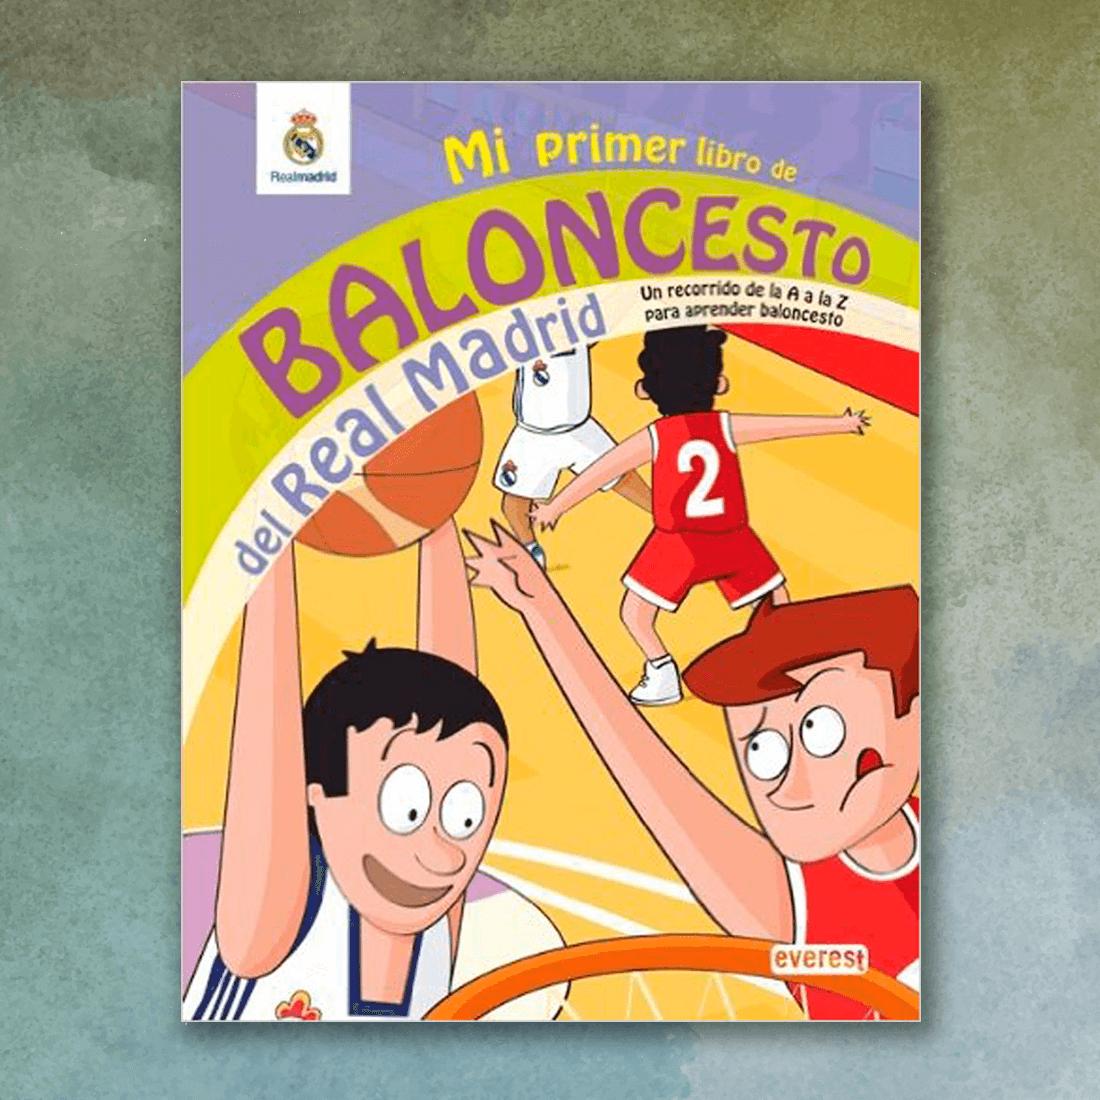 Mi primer libro de baloncesto del Real Madrid - Diego Moldes